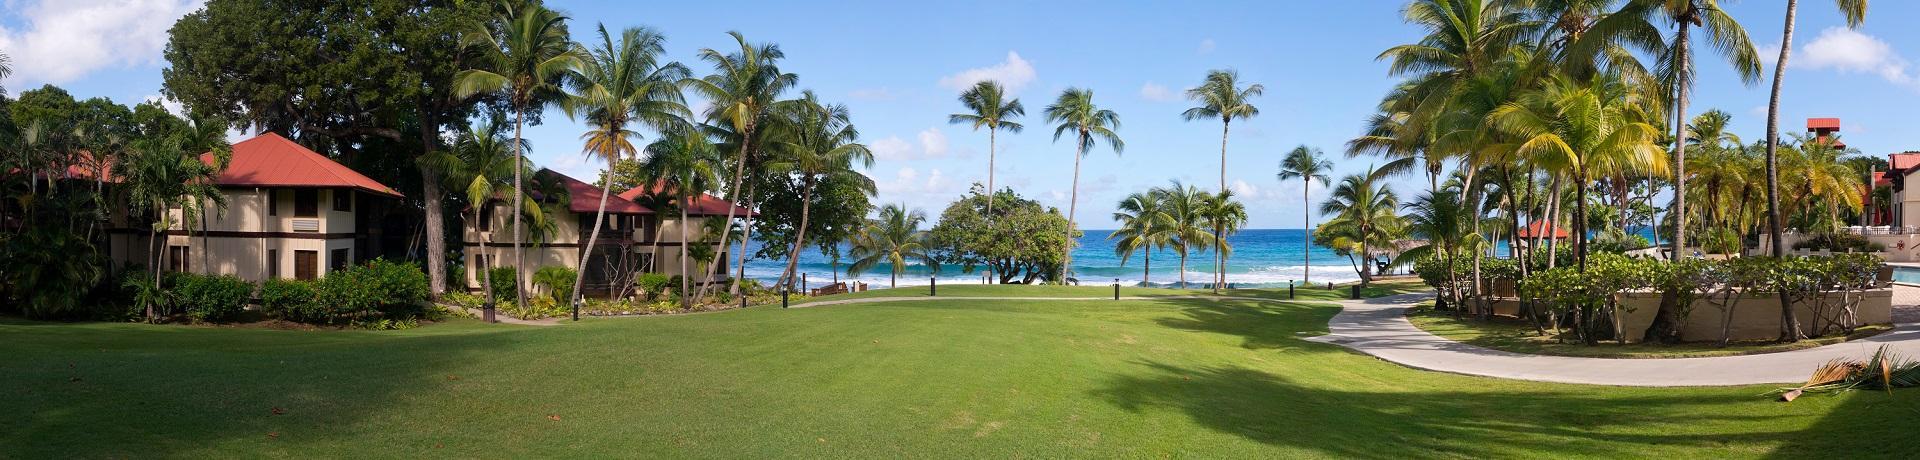 Karibik: Resort - Emotion